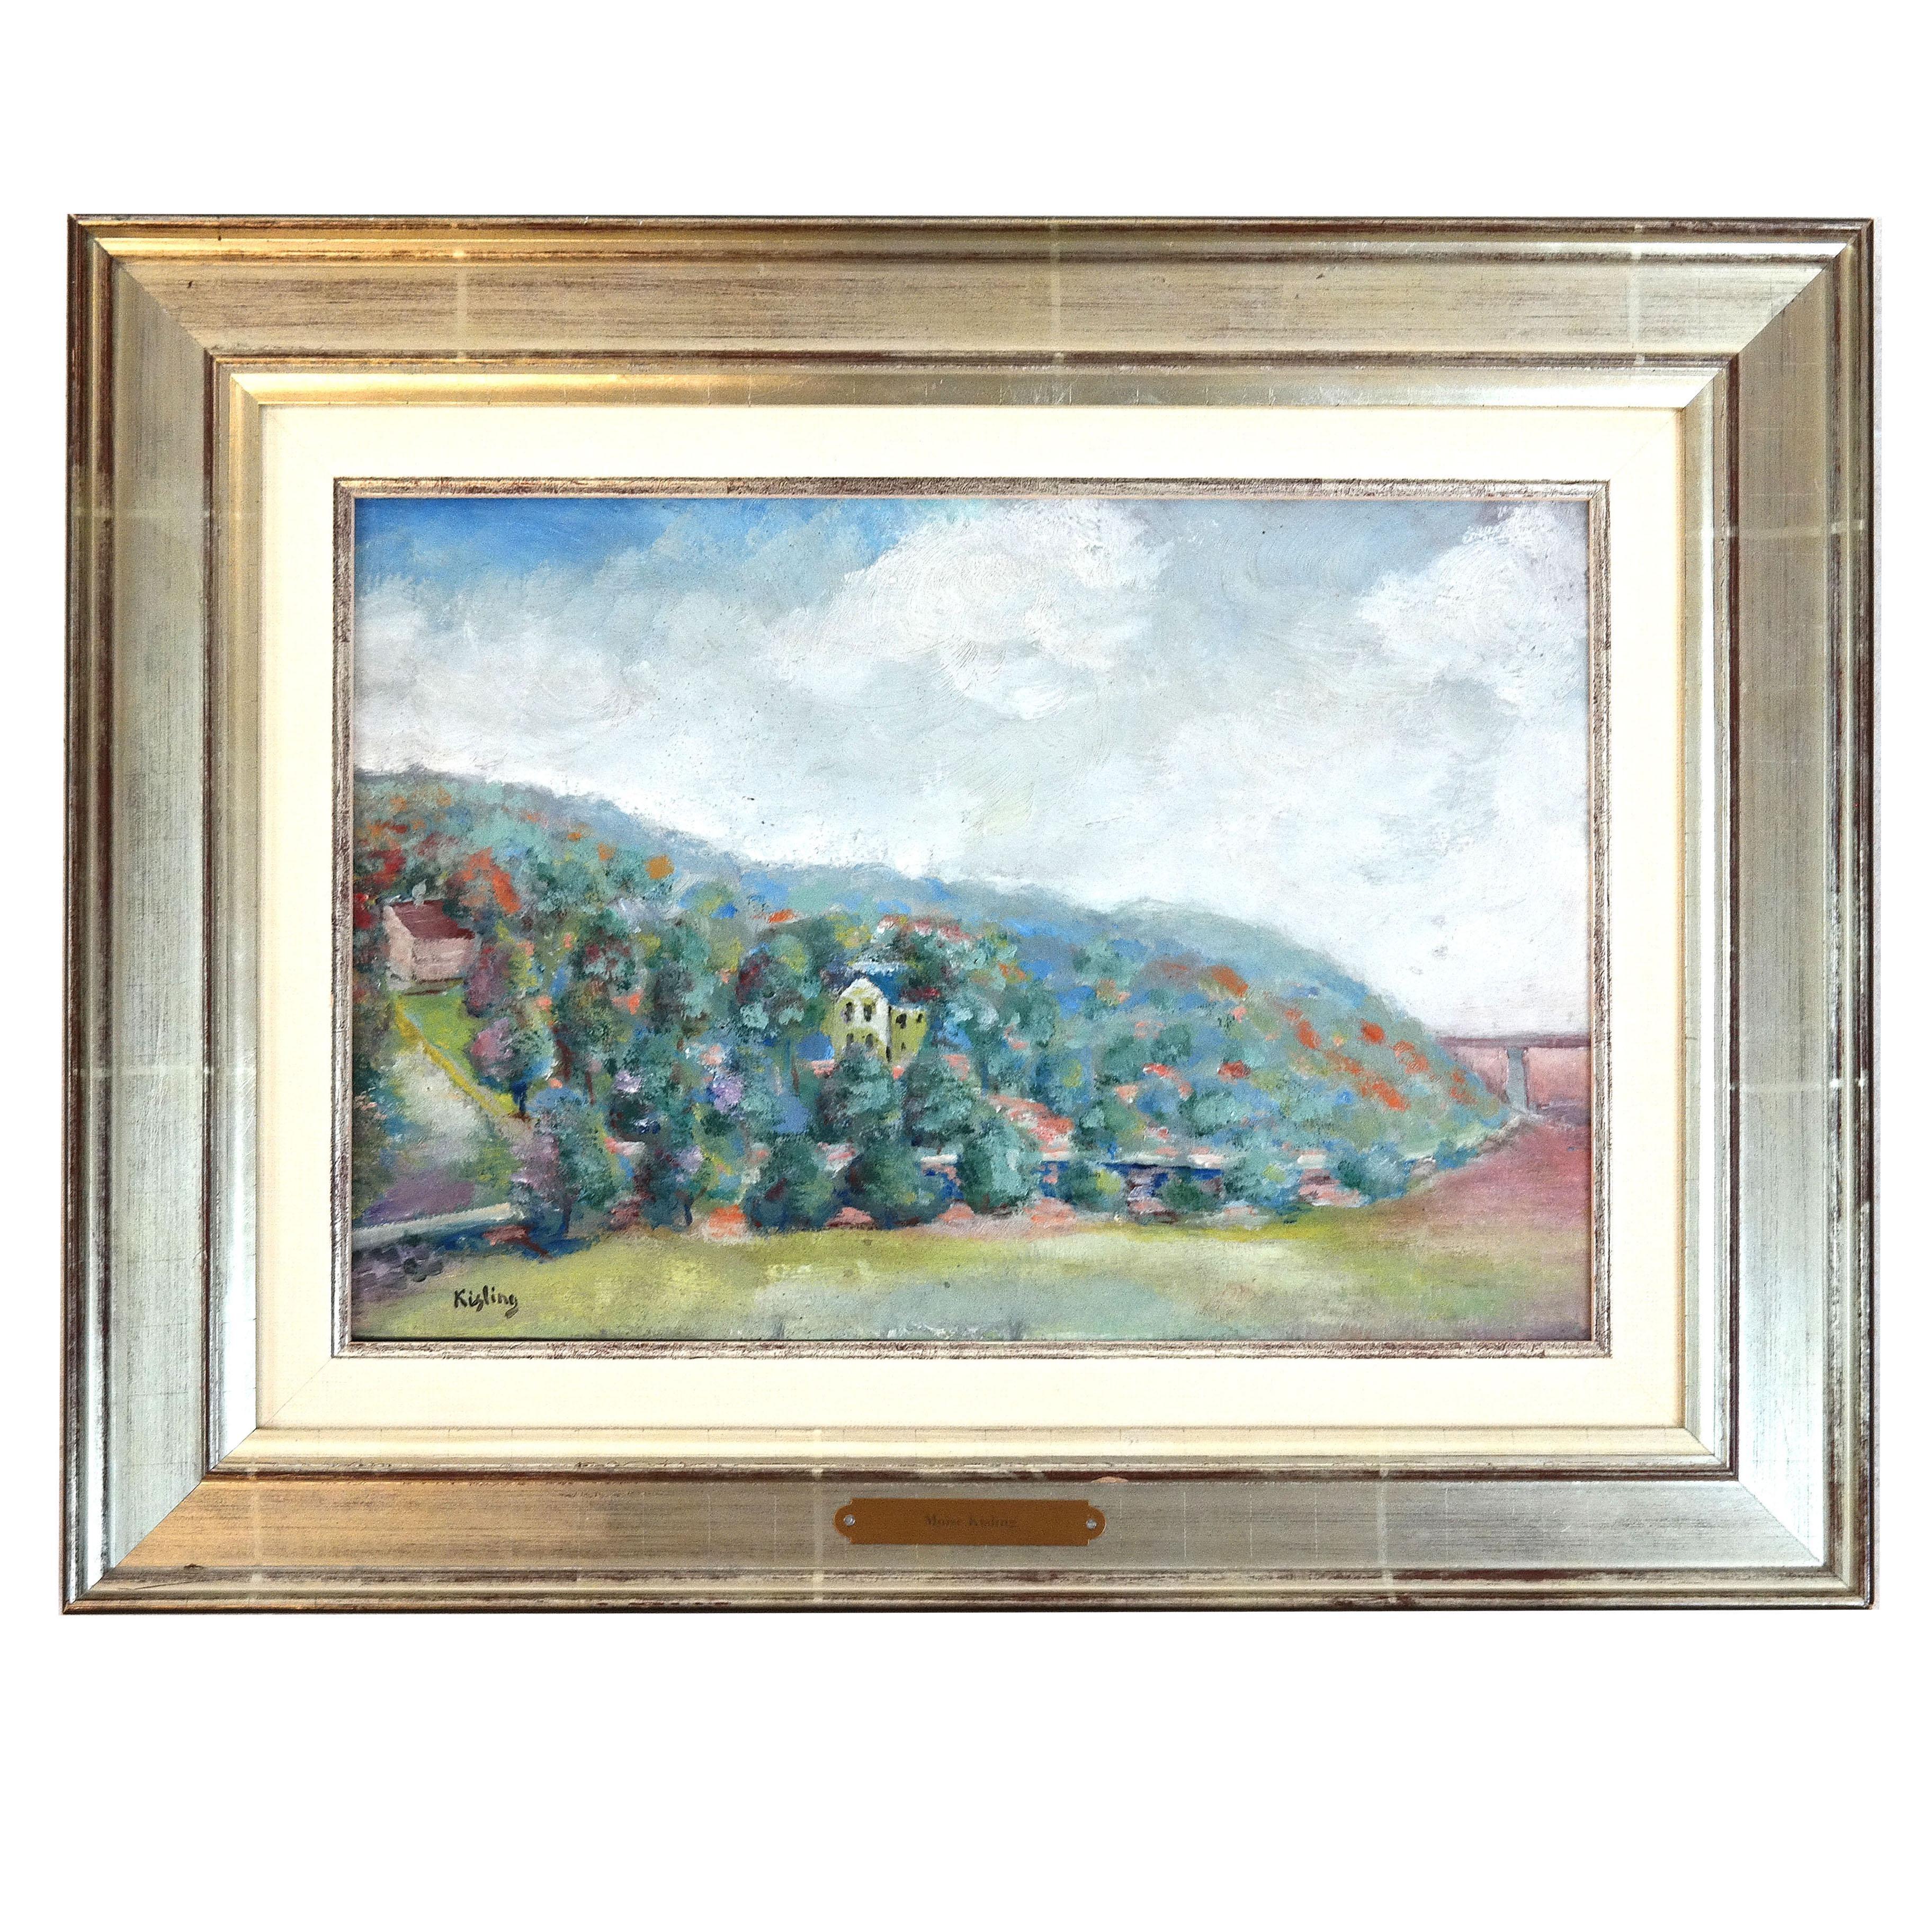 """Mojżesz Kisling (1891-1953) """"Pejzaż z południowej Francji"""", źródło: Roland NY"""